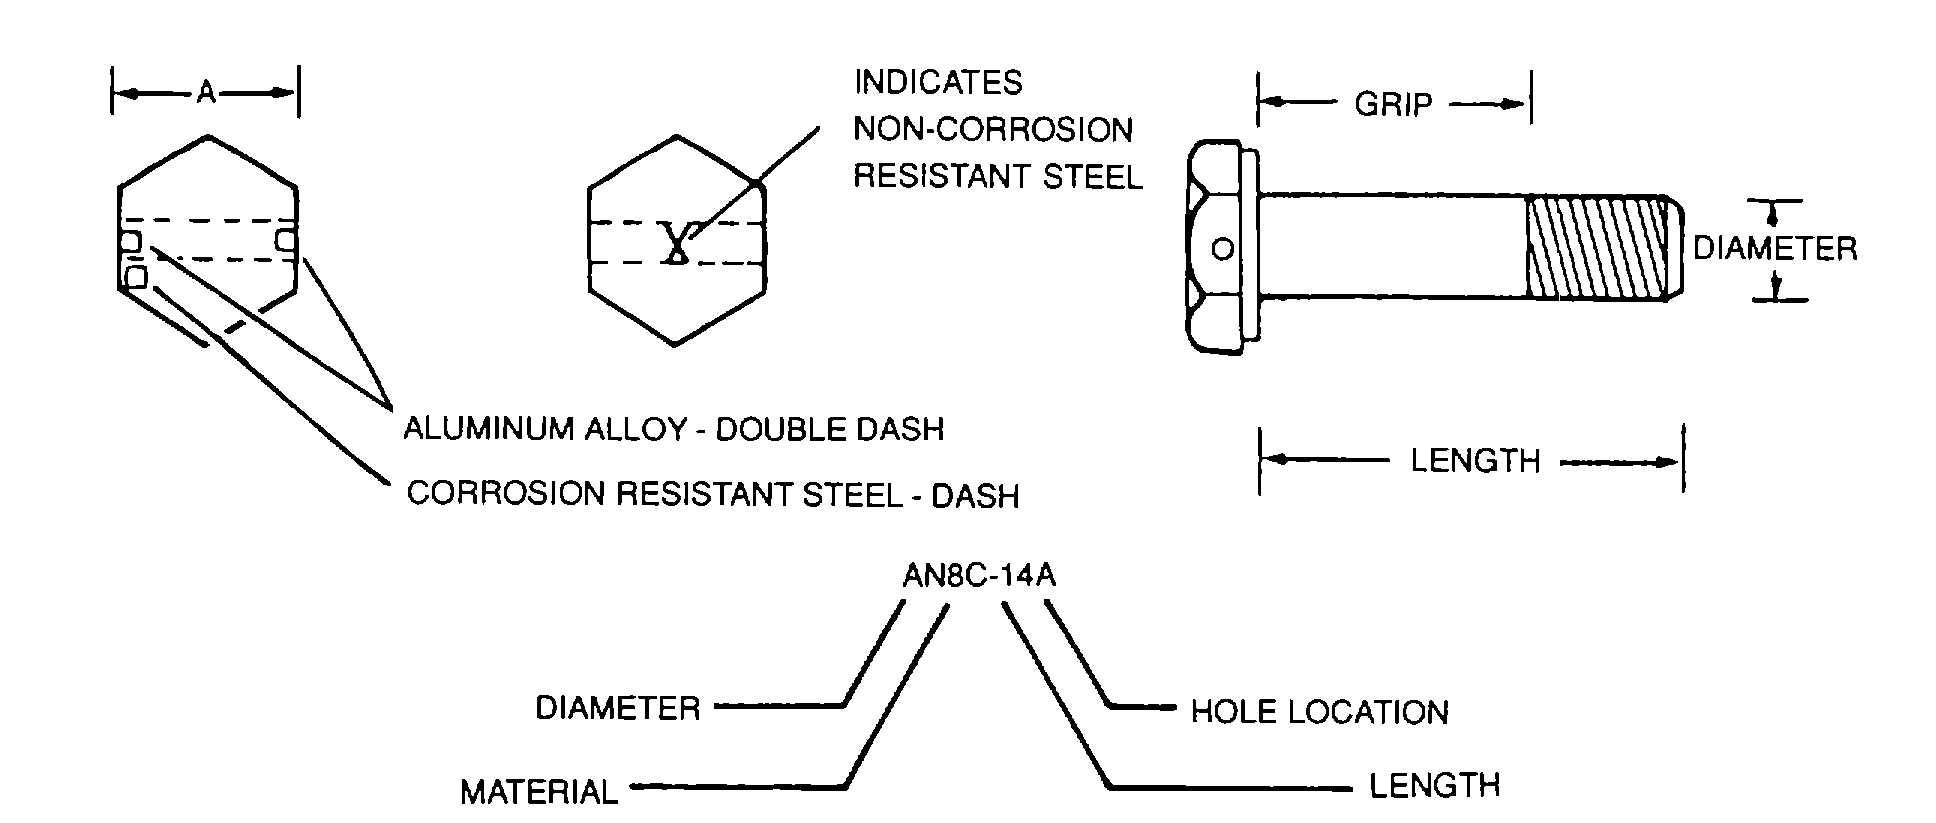 b747 400 maintenance manual